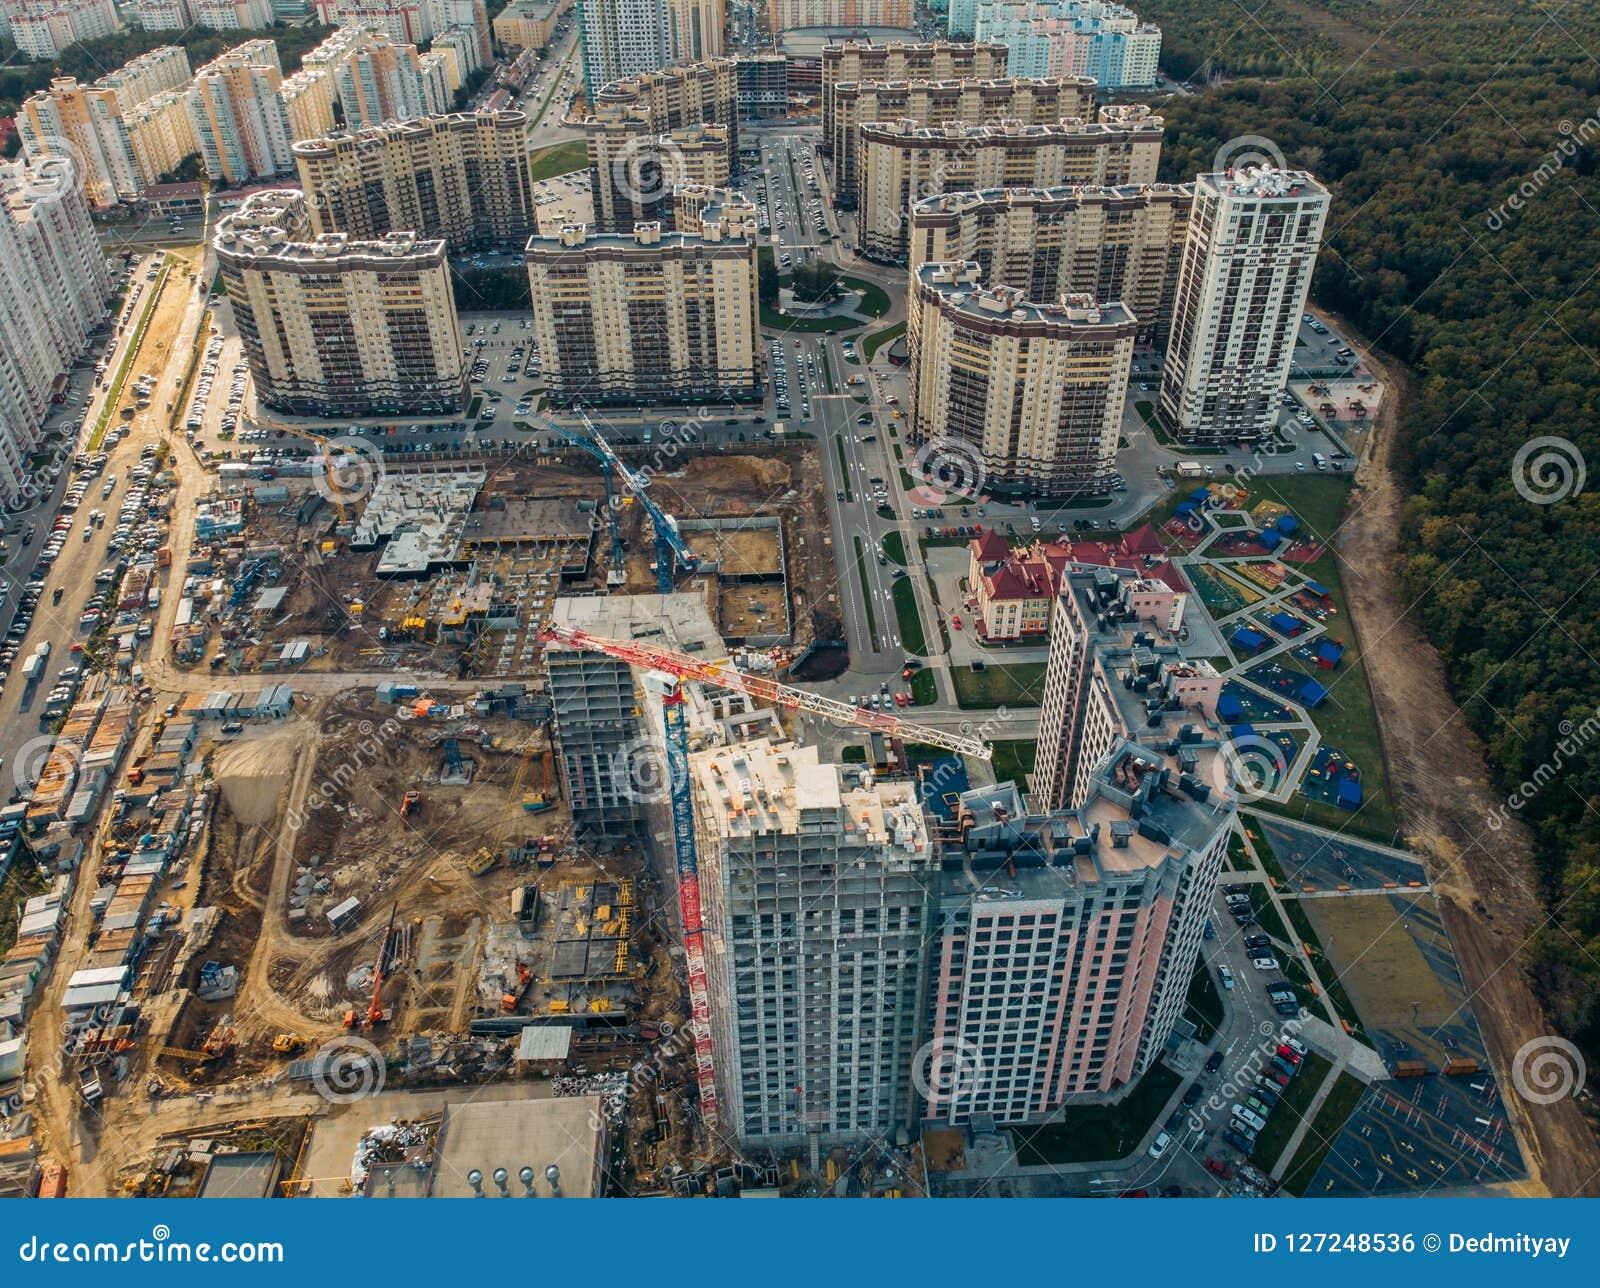 Konstruktionsplats med byggnadskranar och annan utrustning, industriella byggda eller för godsutveckling moderna byggnader, flyg-